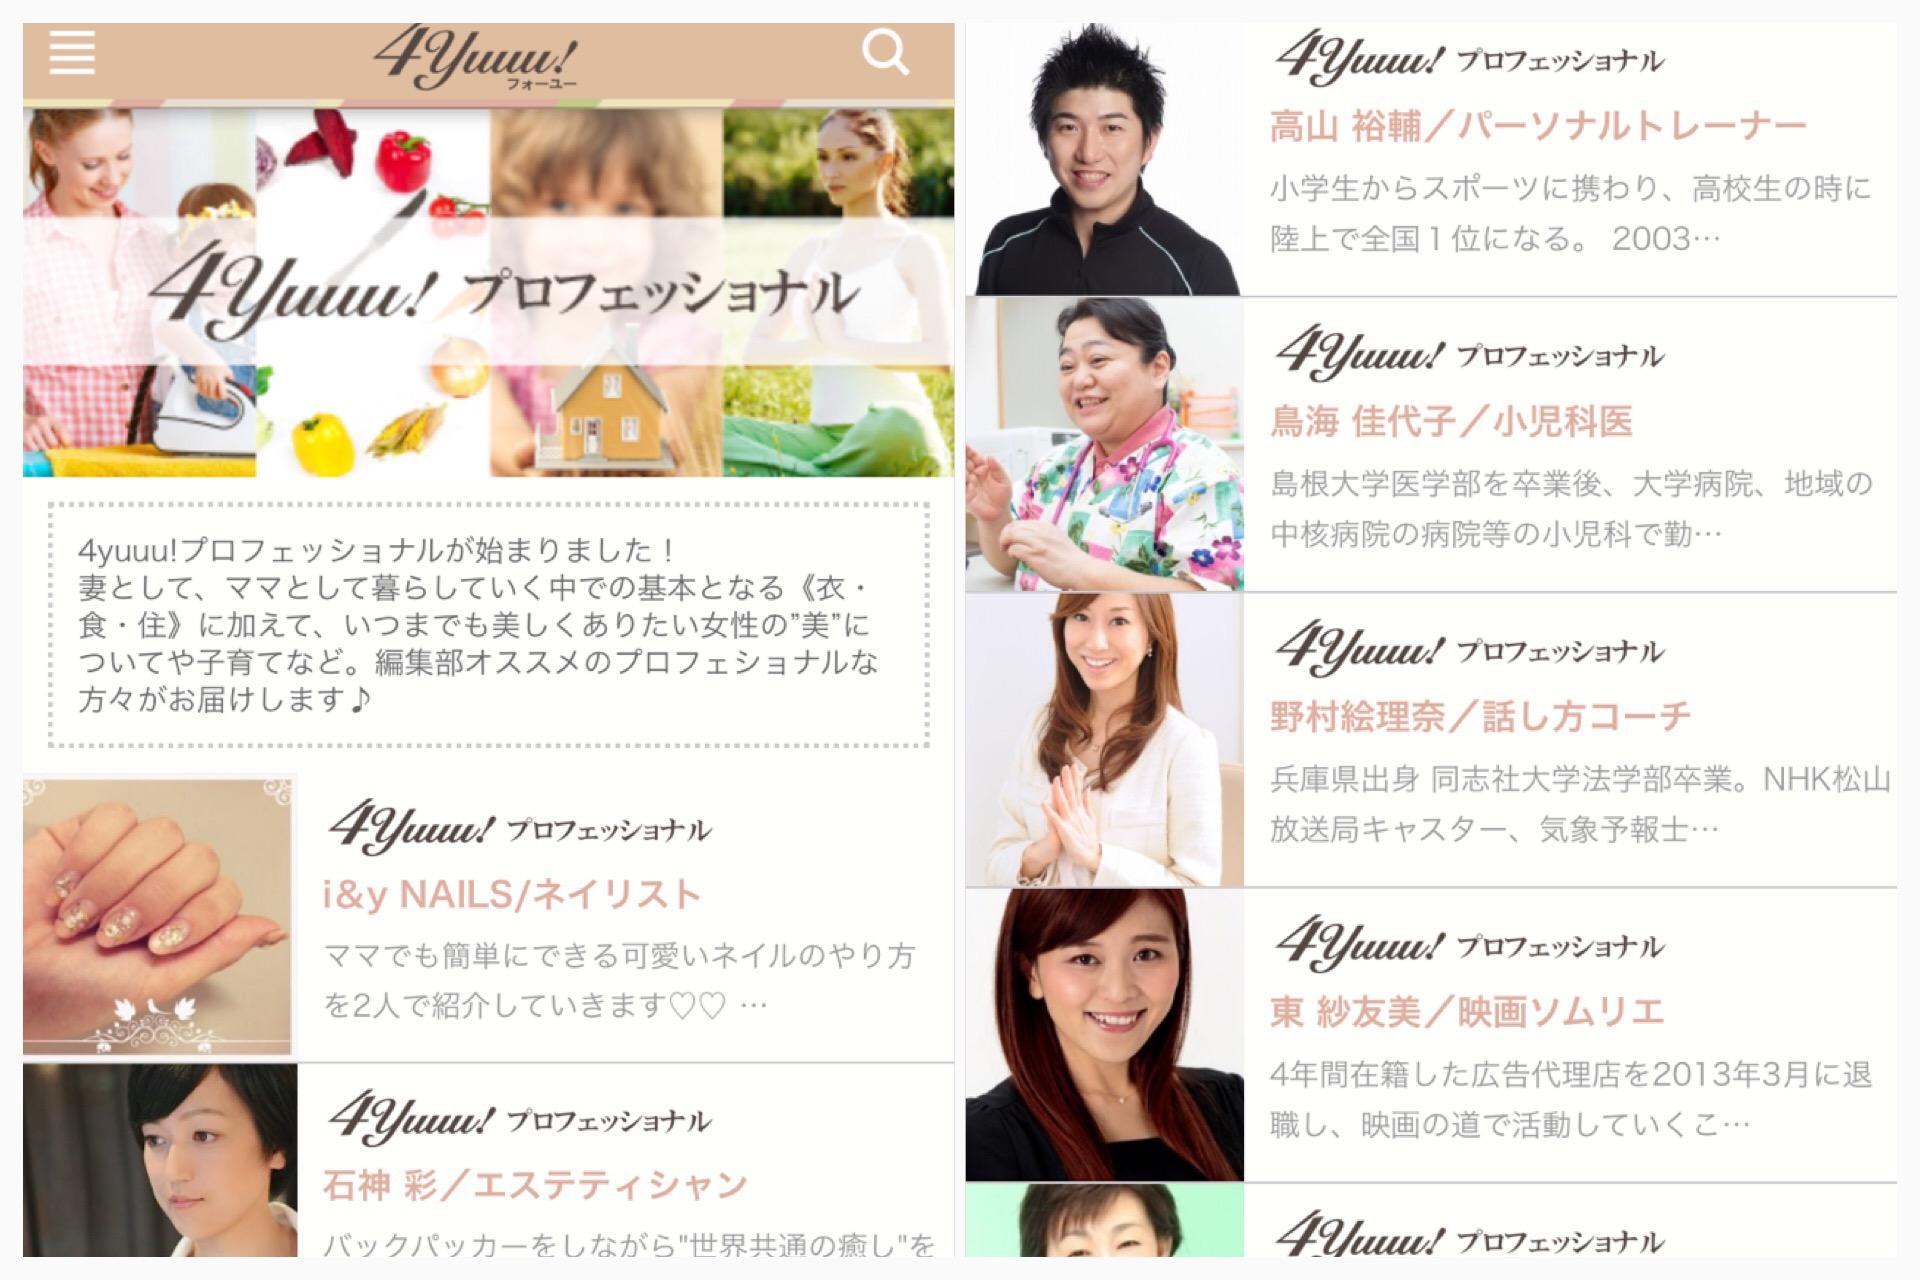 【新連載のお知らせ】4yuuu!